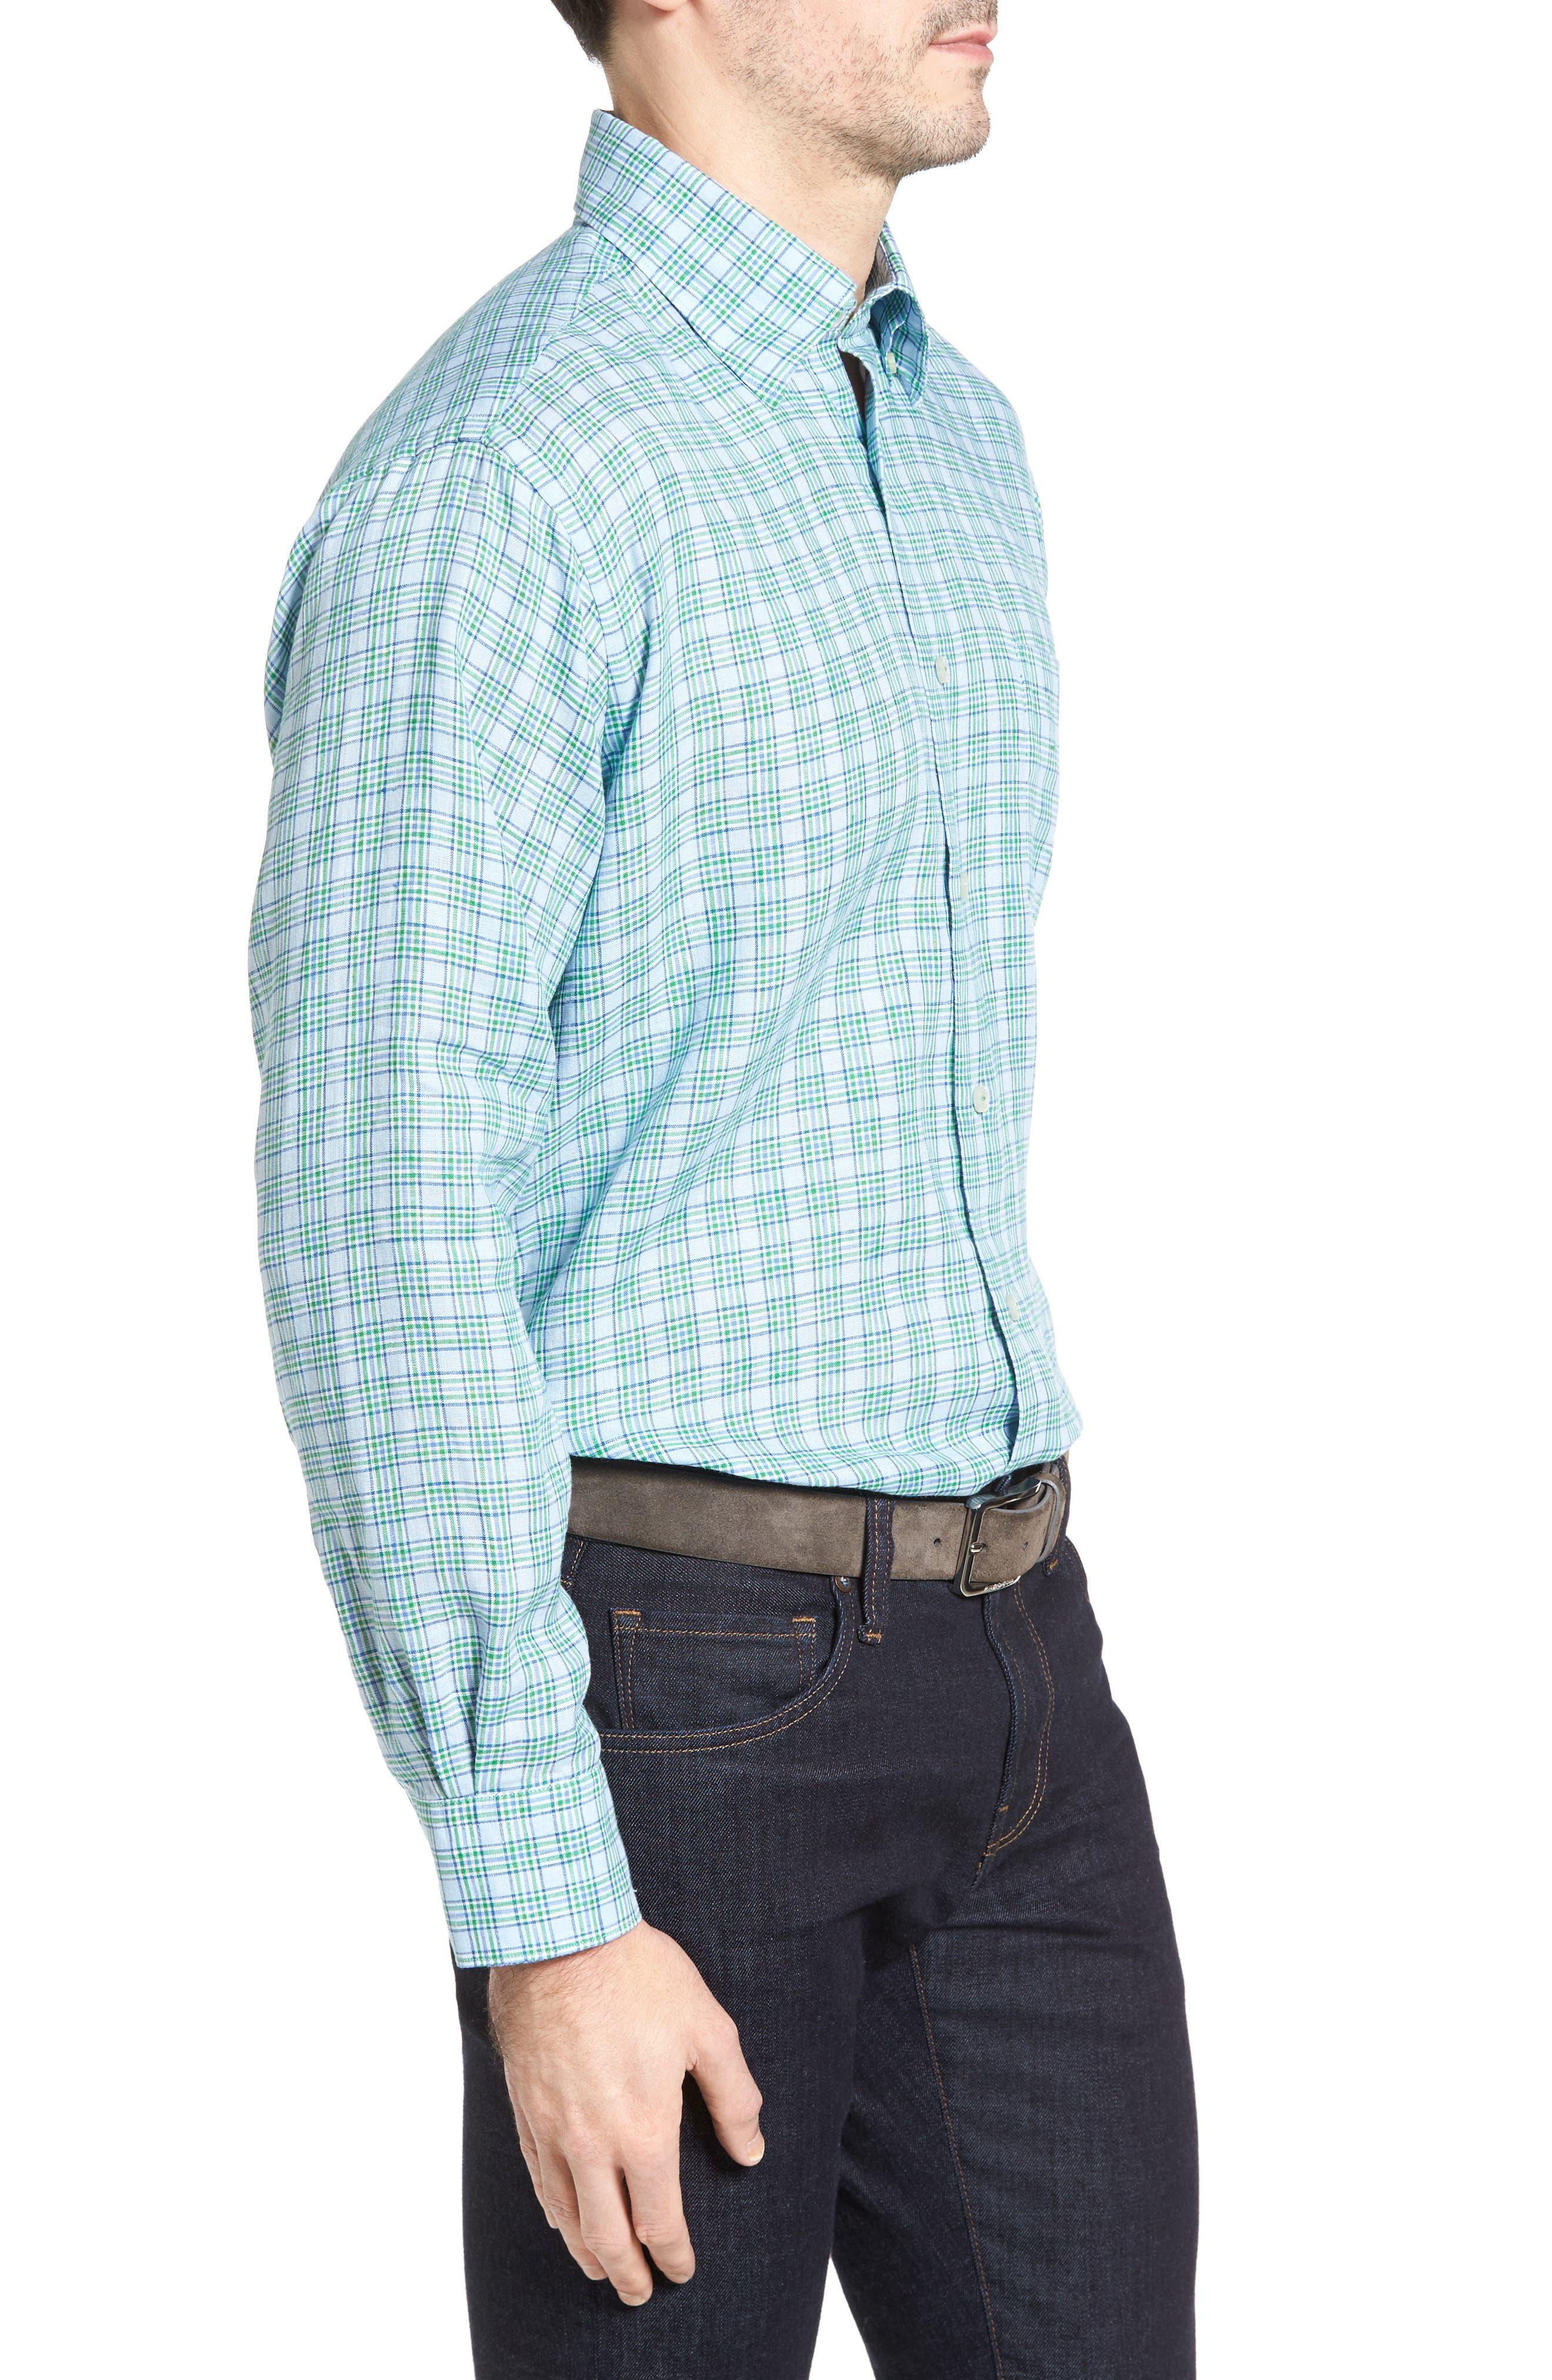 Anderson Classic Fit Sport Shirt,                             Alternate thumbnail 3, color,                             Aqua